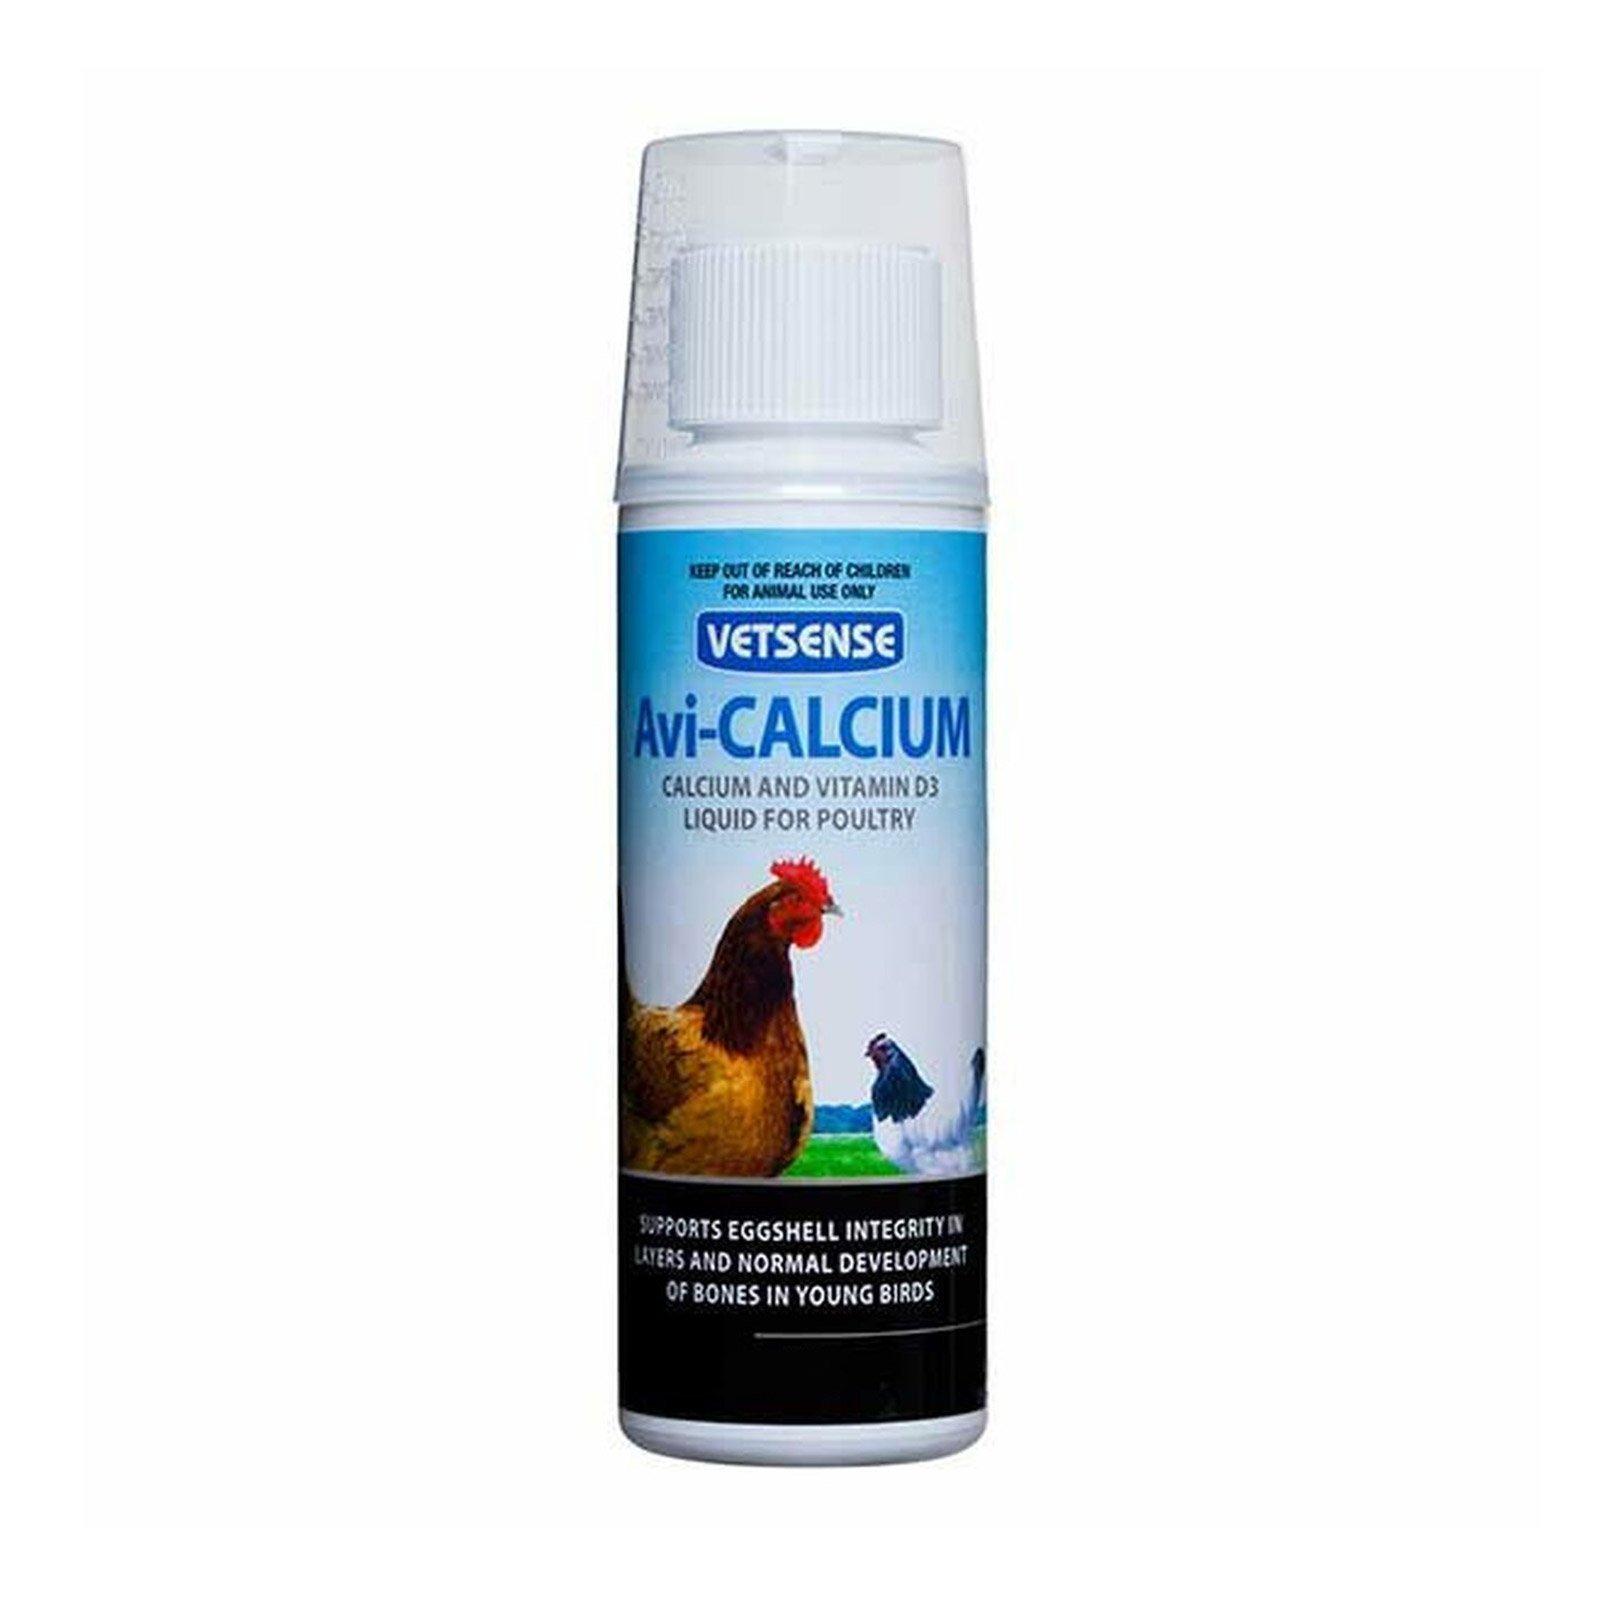 Vetsense Avi-Calcium for Poultry